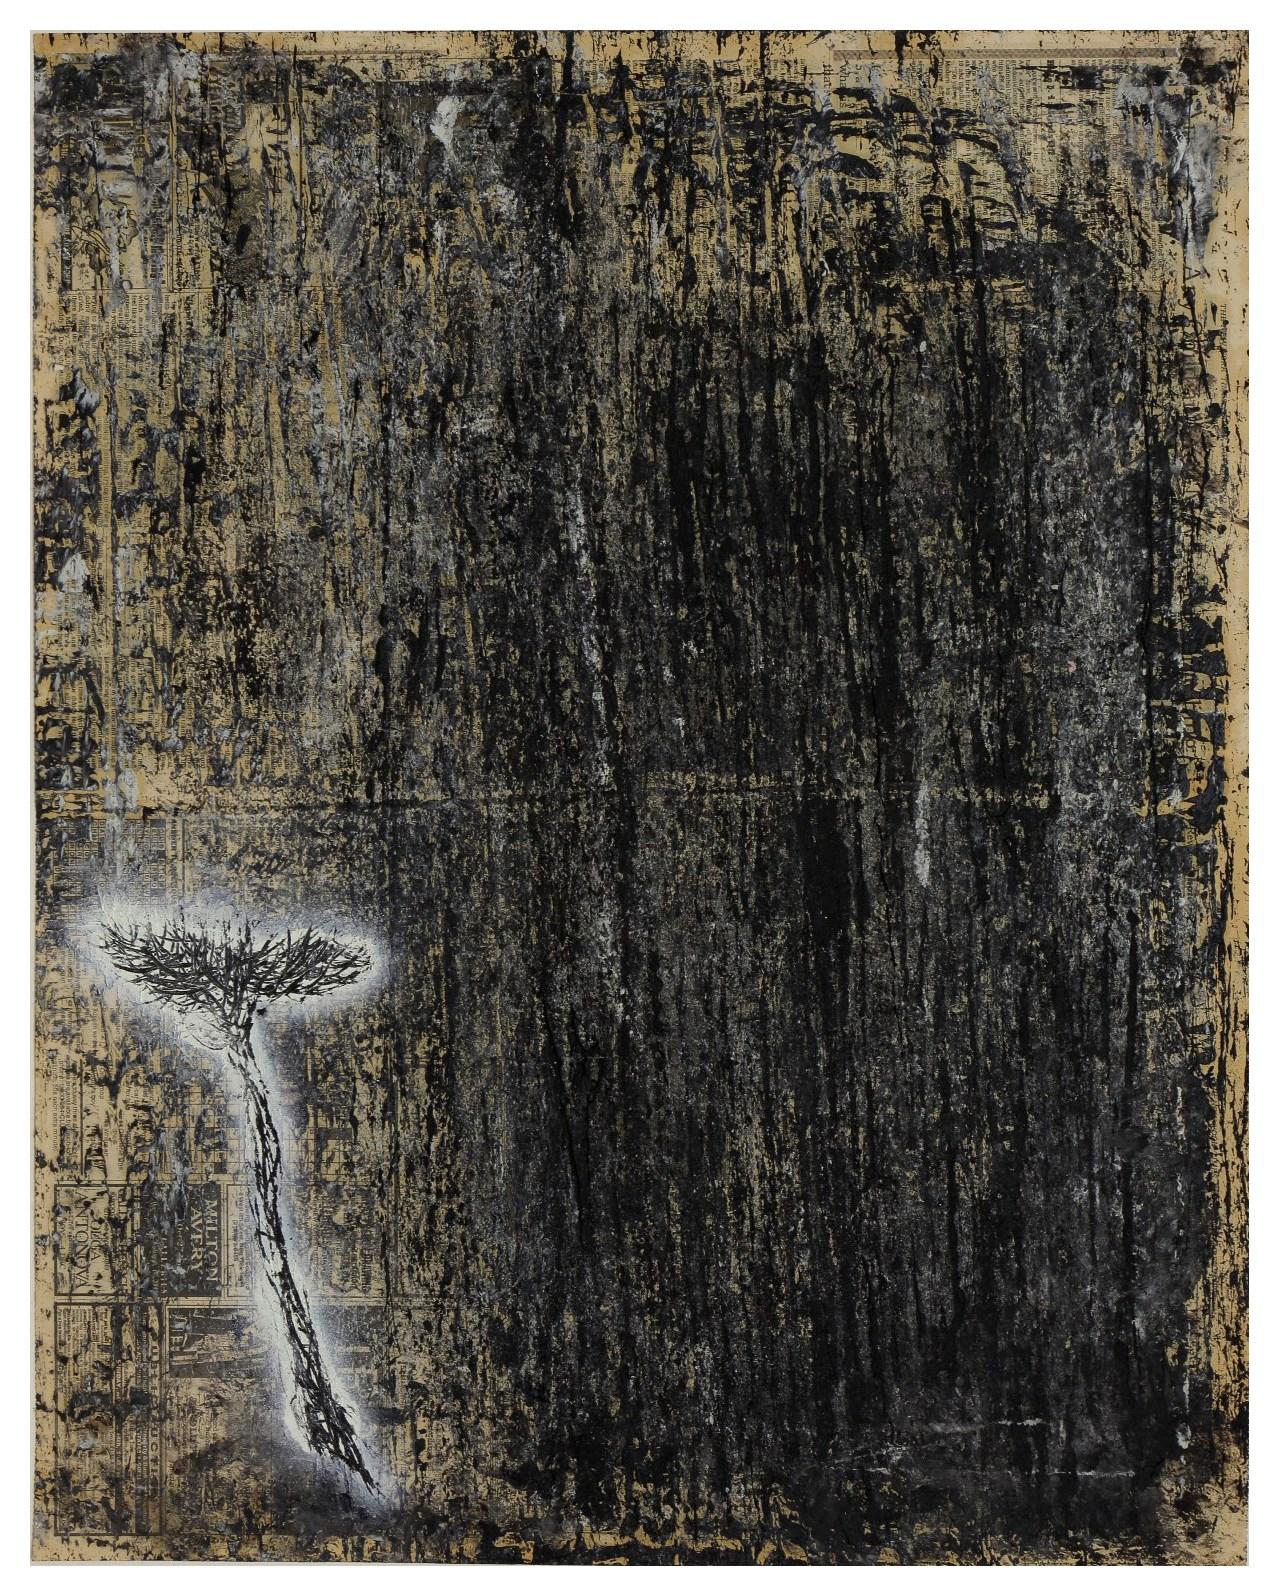 淨化之夜 Transfigured Night 90-11 1990 油彩、畫紙 70cm x 55cm